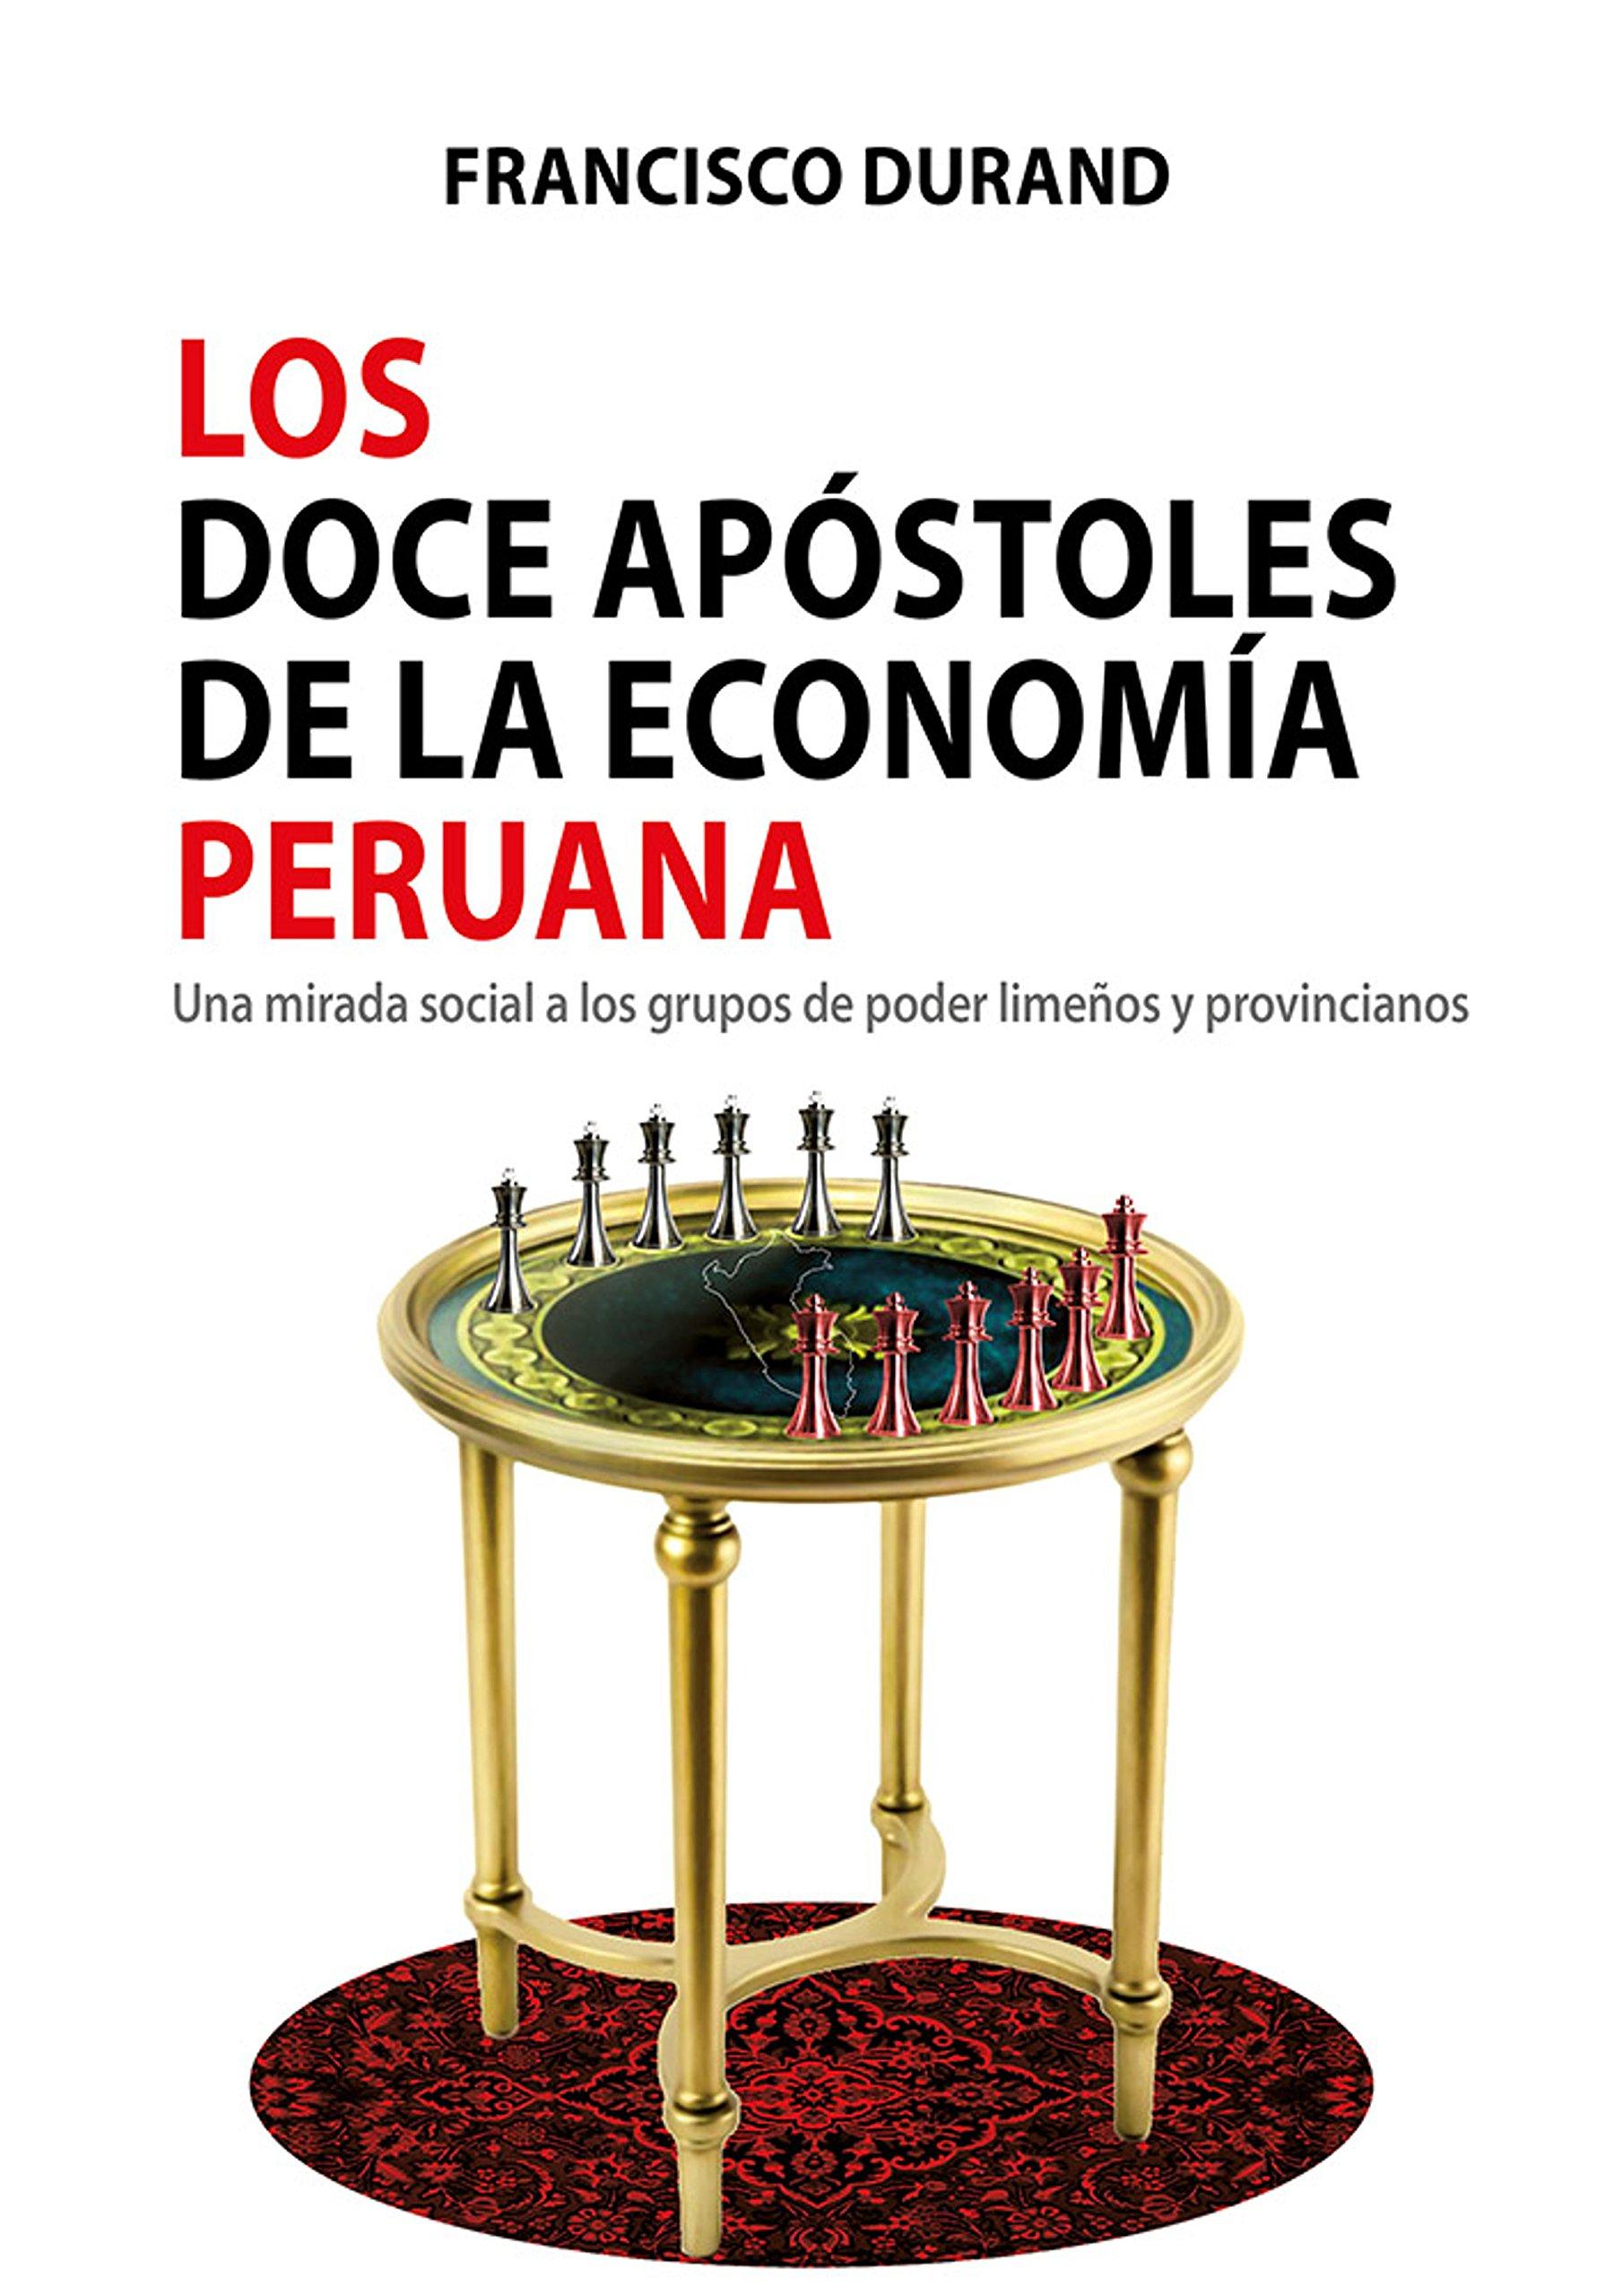 Los doce apóstoles de la economía peruana: Una mirada social a los grupos de poder limeños y provincianos (Spanish Edition)